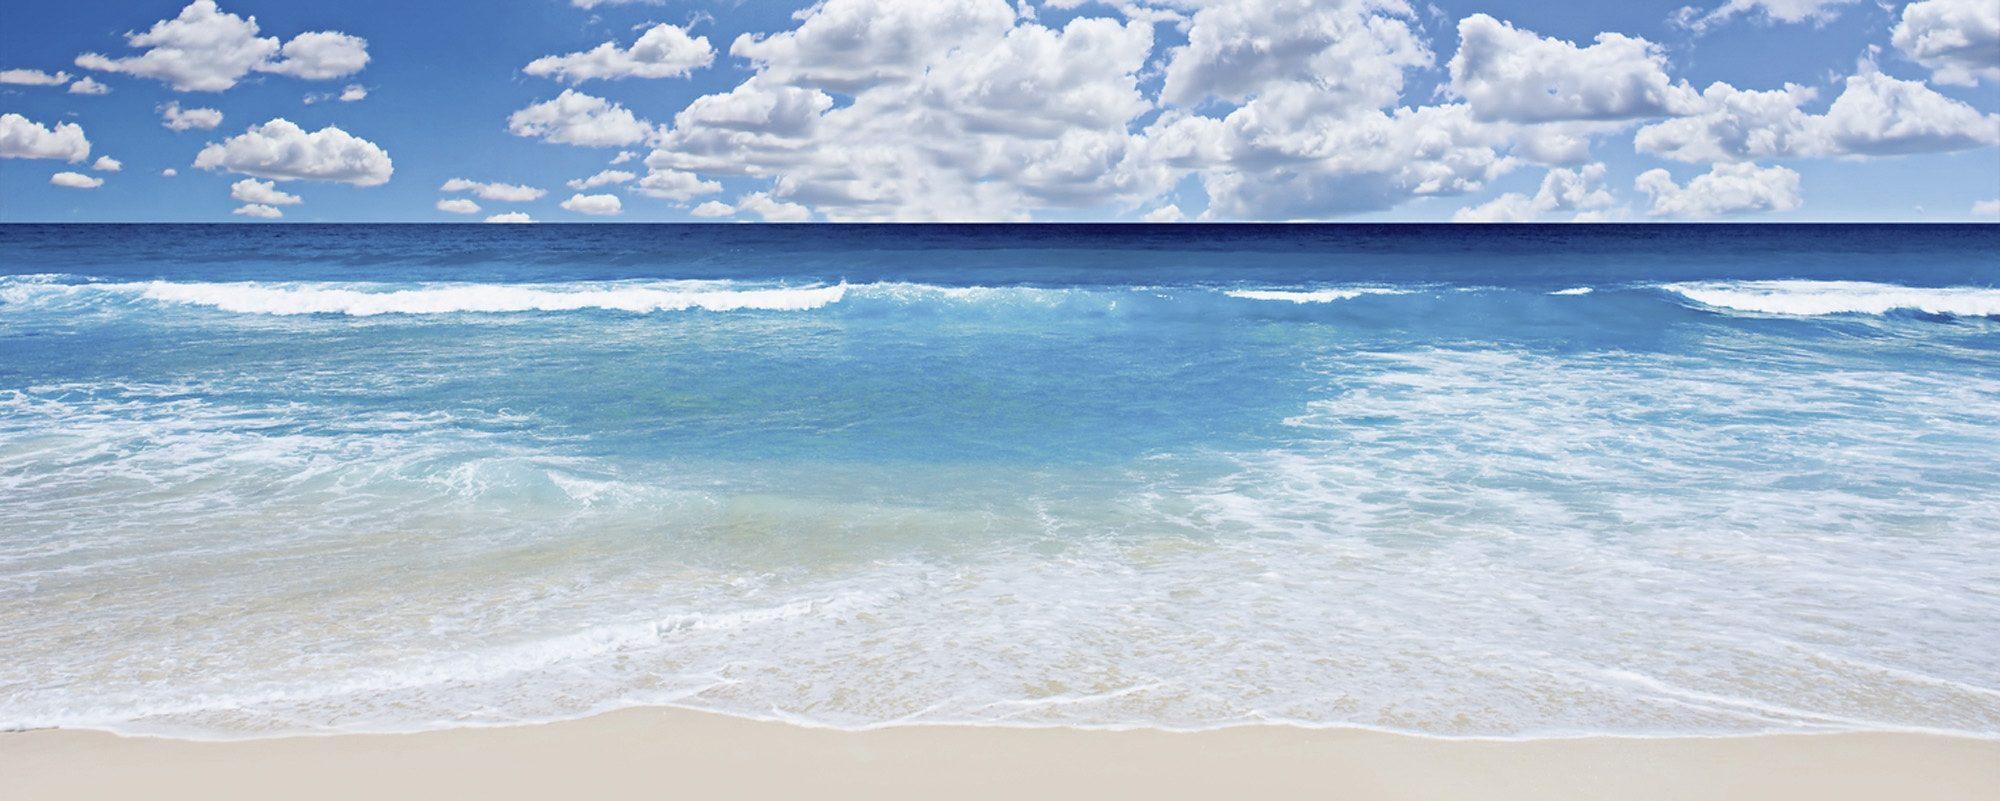 Home affaire Glasbild »Strand und Meer« Motiv